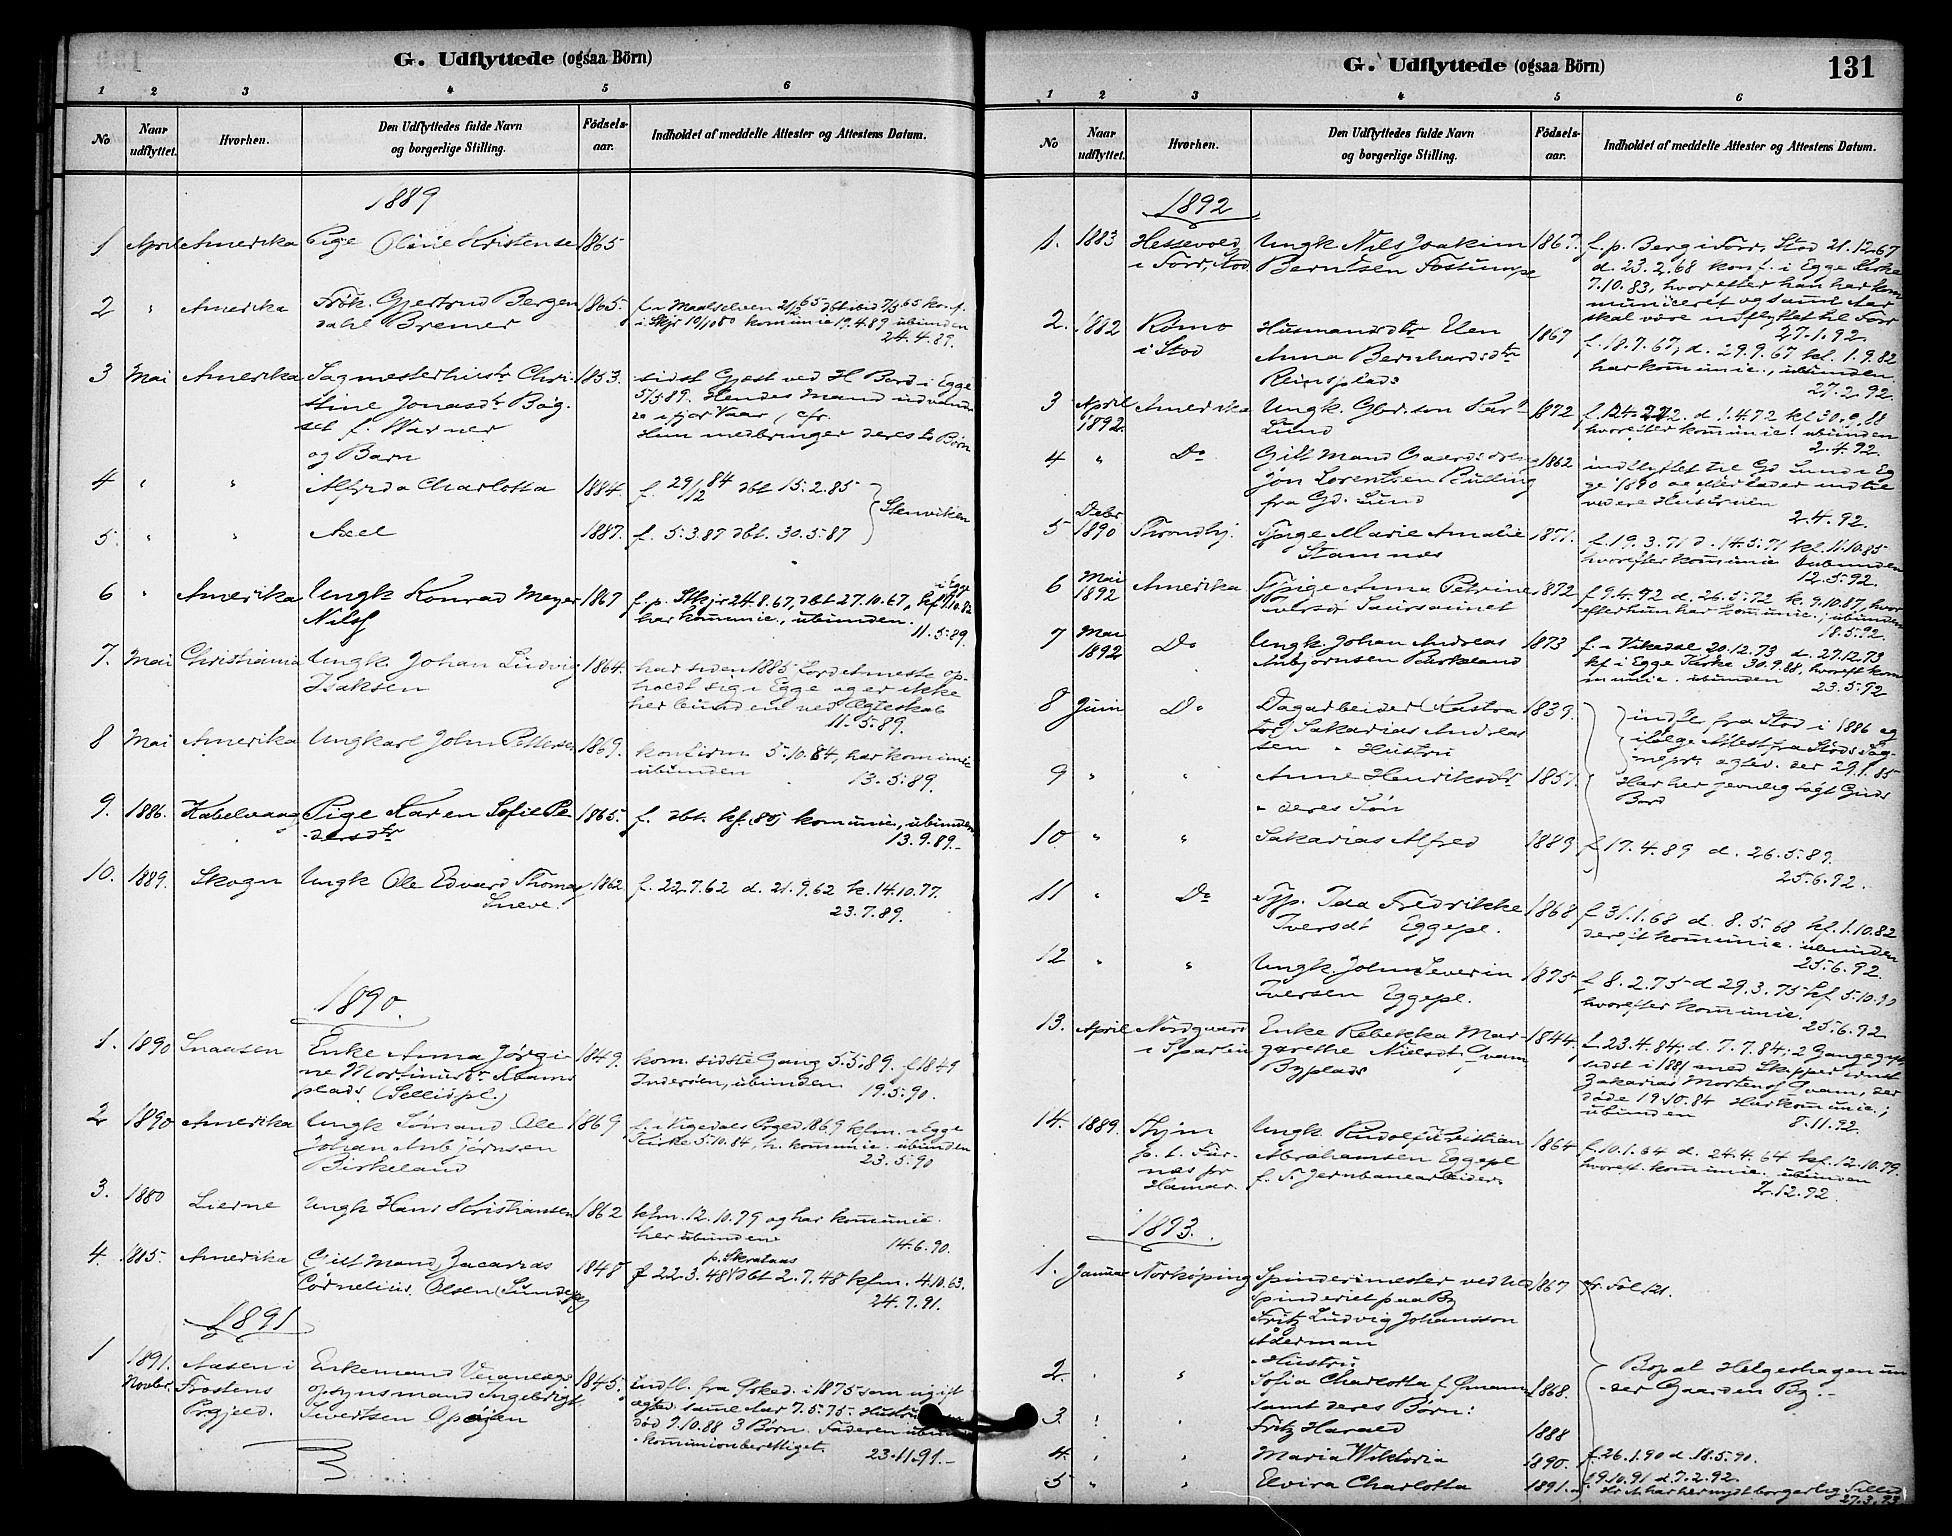 SAT, Ministerialprotokoller, klokkerbøker og fødselsregistre - Nord-Trøndelag, 740/L0378: Ministerialbok nr. 740A01, 1881-1895, s. 131